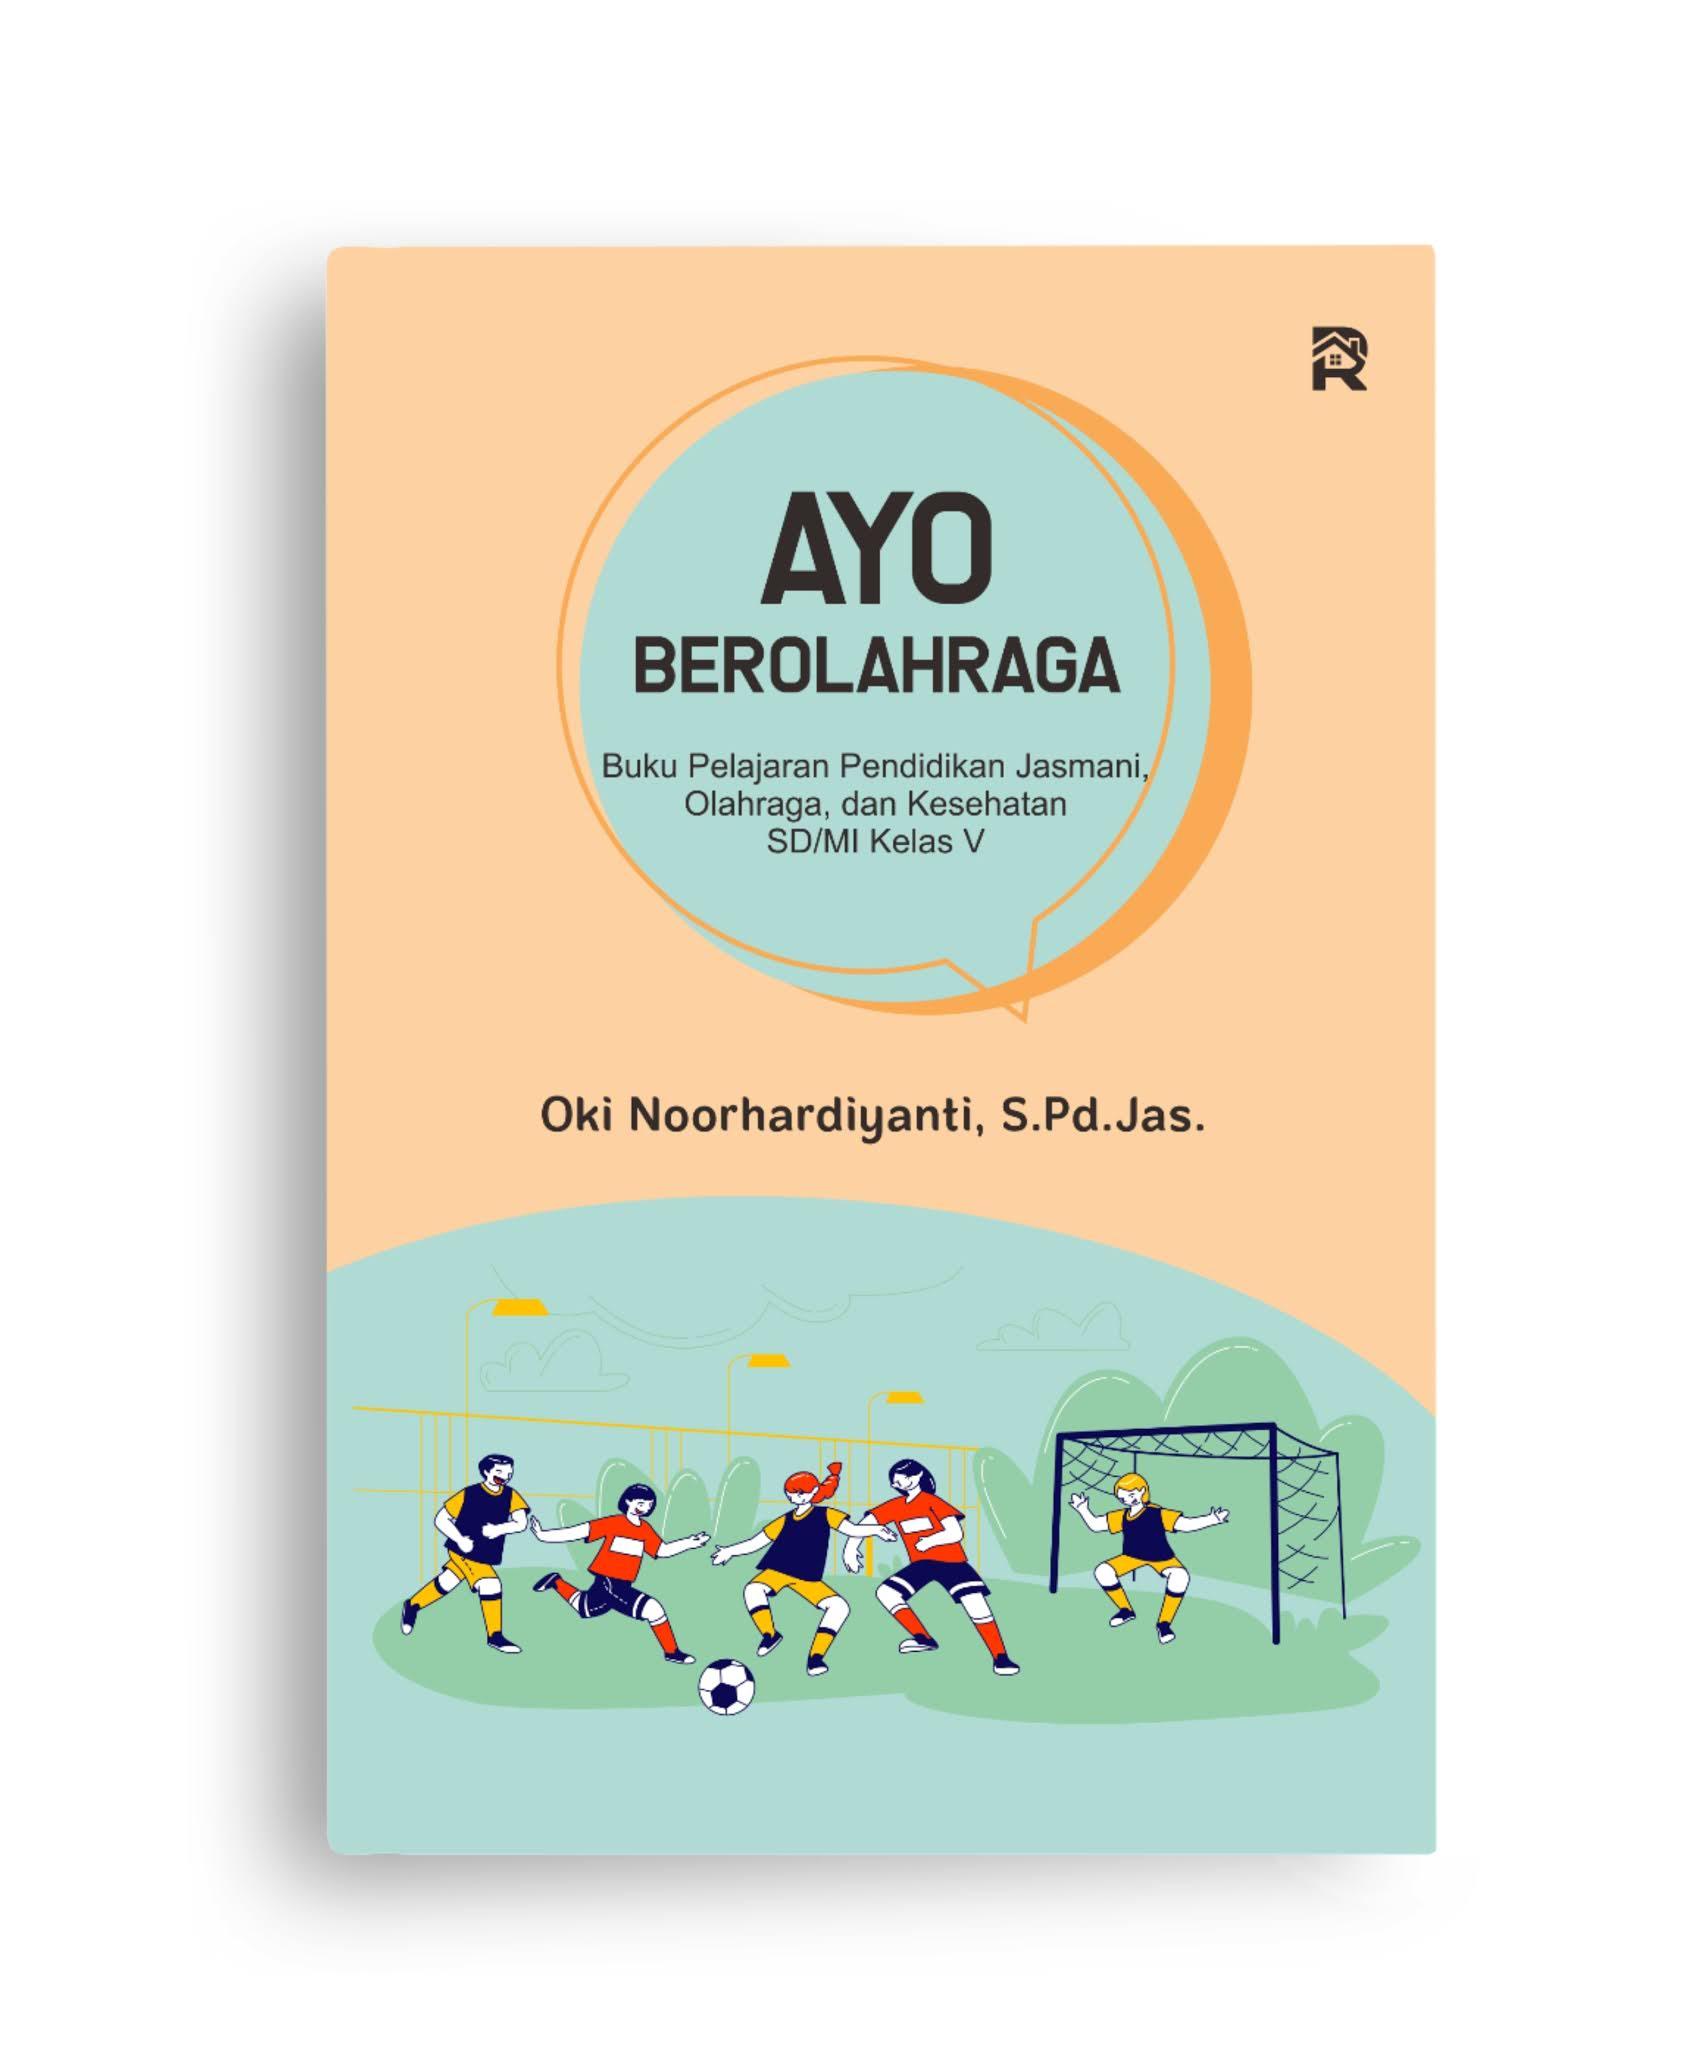 Ayo Berolahraga (Buku Pelajaran Pendidikan, Jasmani, Olahraga, dan Kesehatan SD/MI Kelas V)